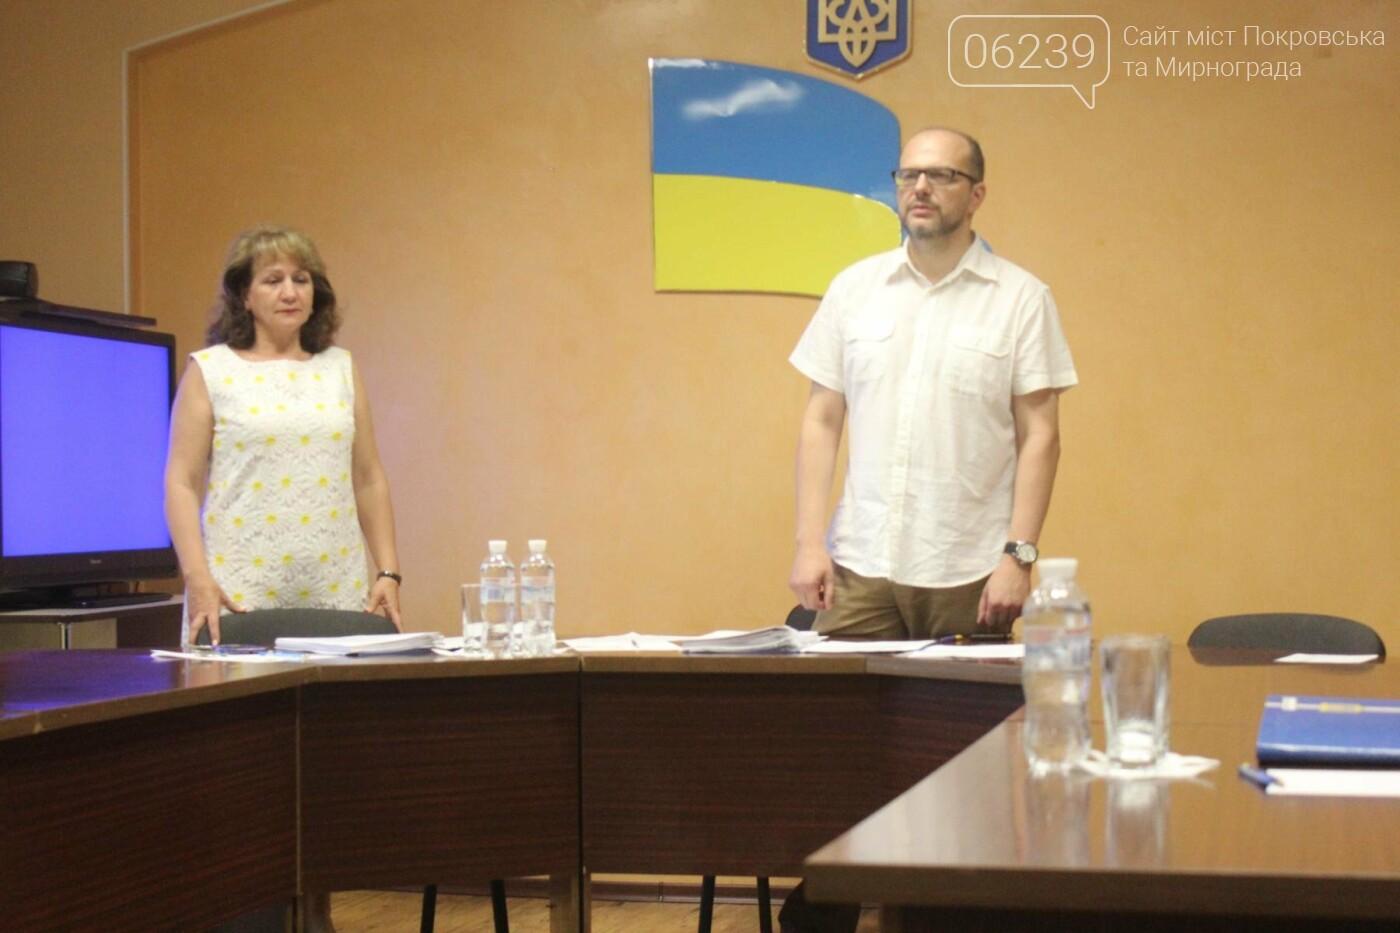 Изменения в бюджете и письмо министру: в Мирнограде состоялась 49-я сессия городского совета, фото-4